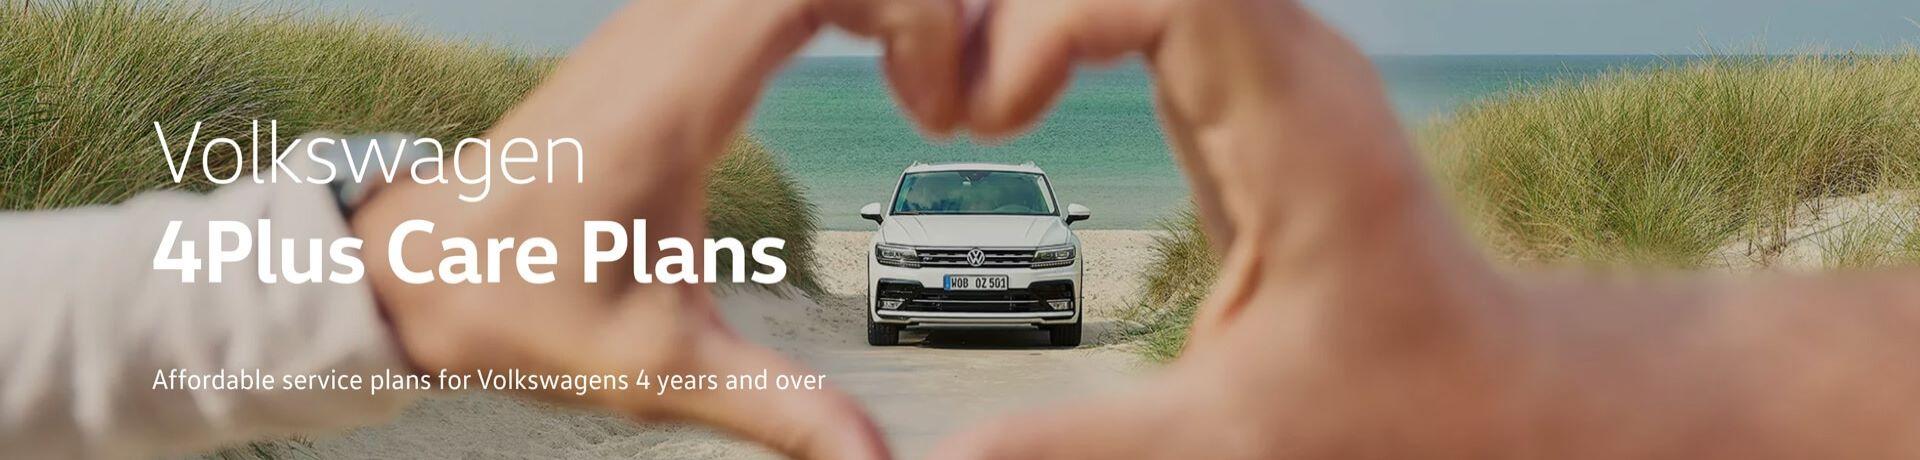 VW-4-Plus-Care-Plans